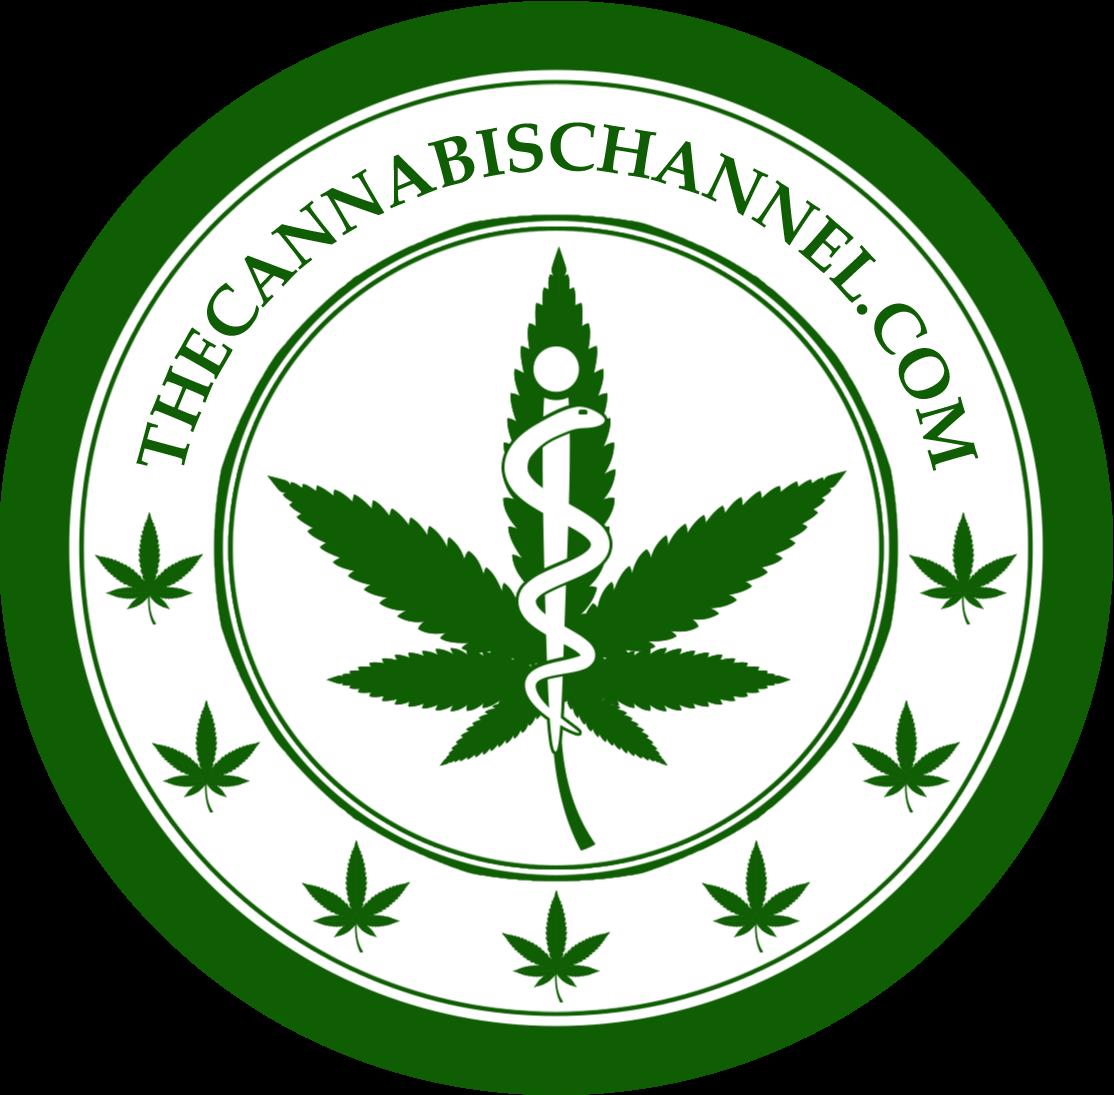 thecannabischannel.com